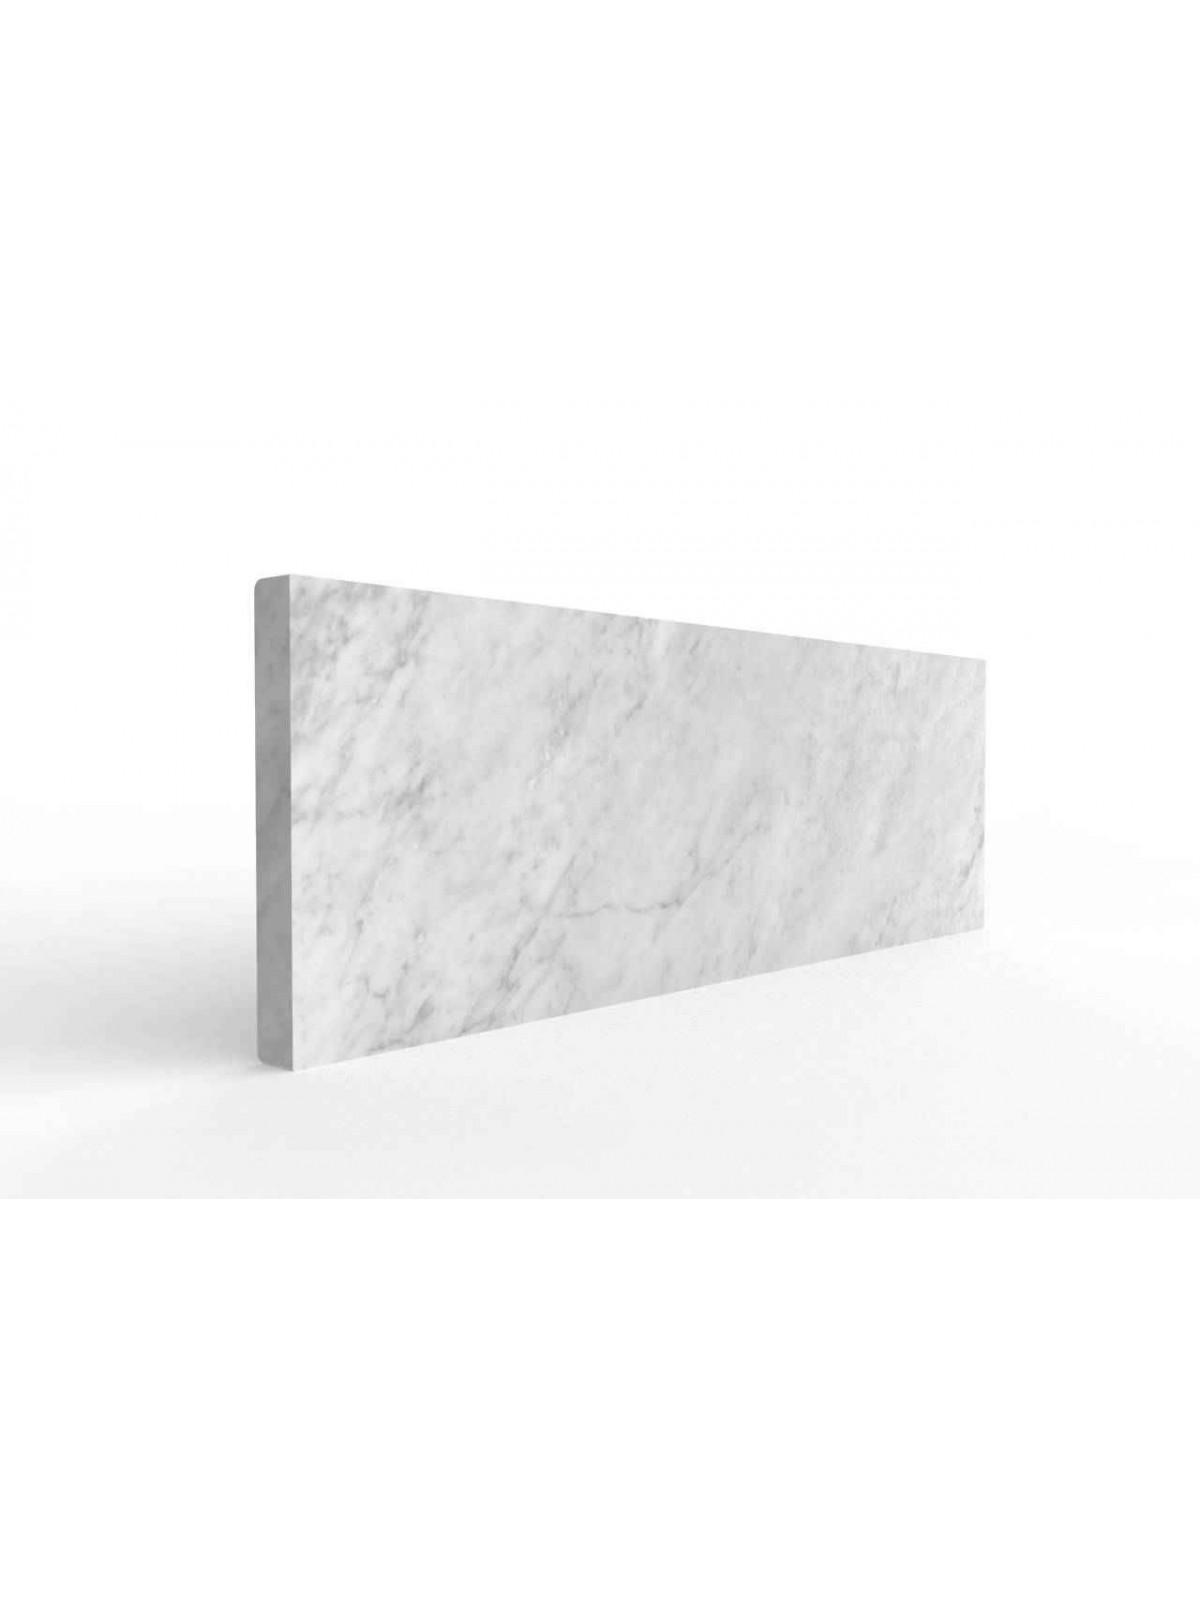 Zoccolino in Bianco di Carrara